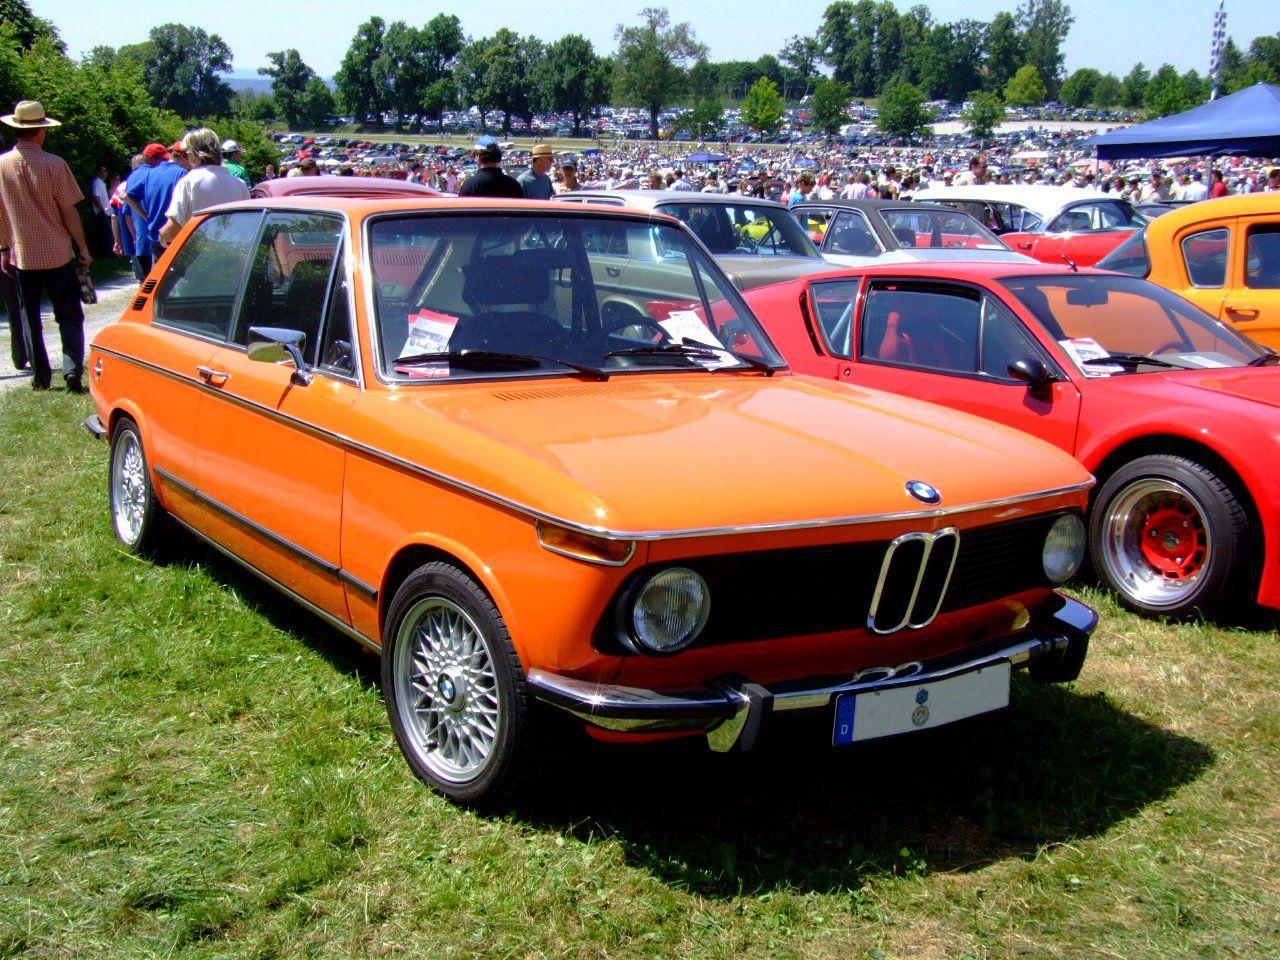 BMW 5 Series 1971 bmw 2002 specs BMW 2002 Tii | BMW 2002 | Pinterest | Bmw 2002 and BMW